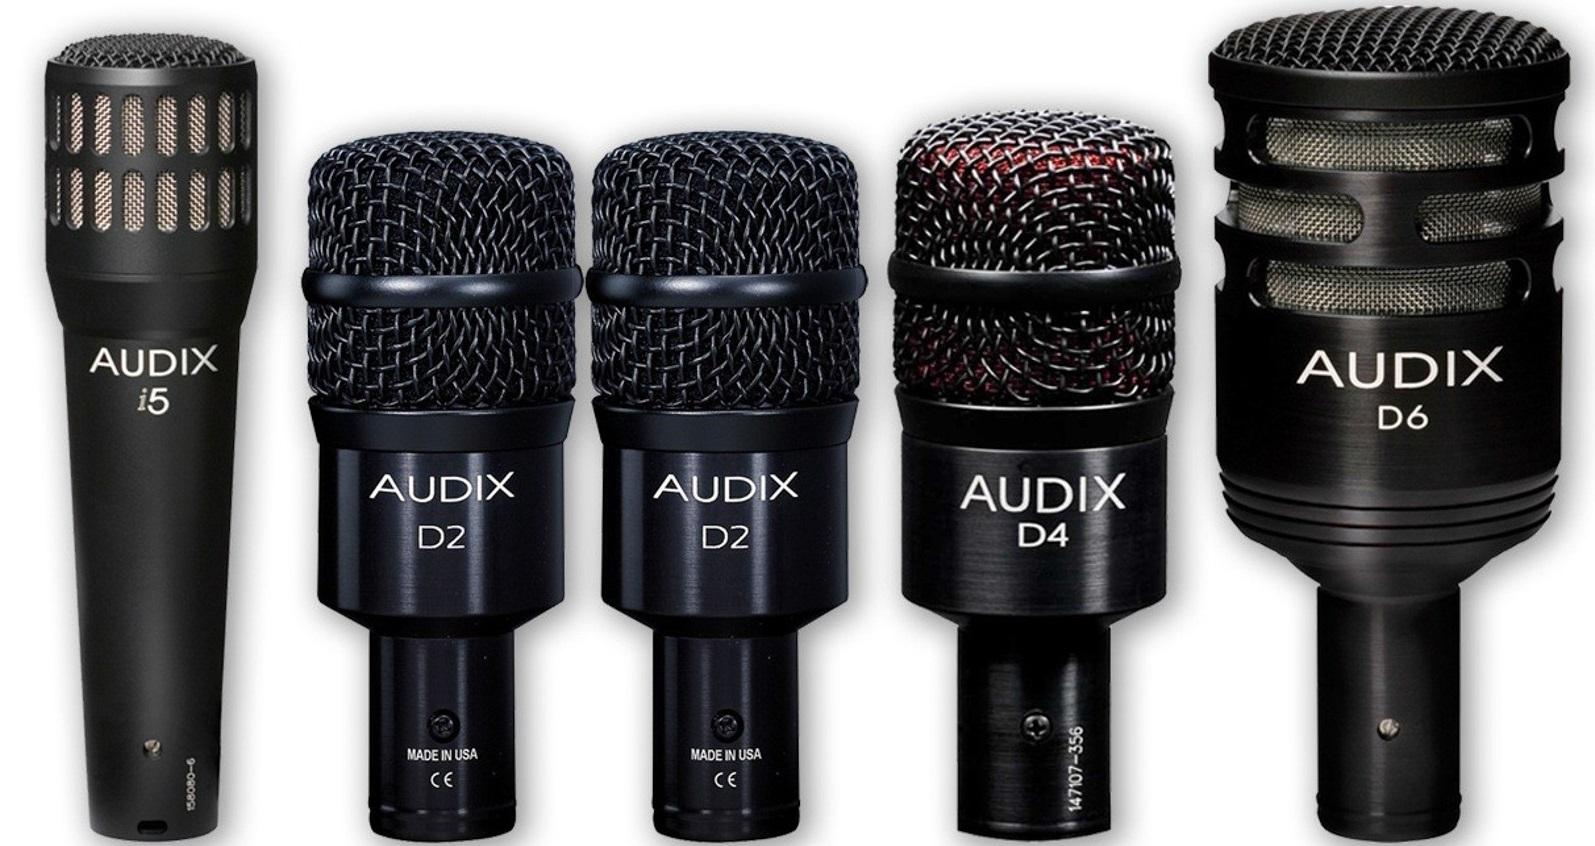 Audix DP5A